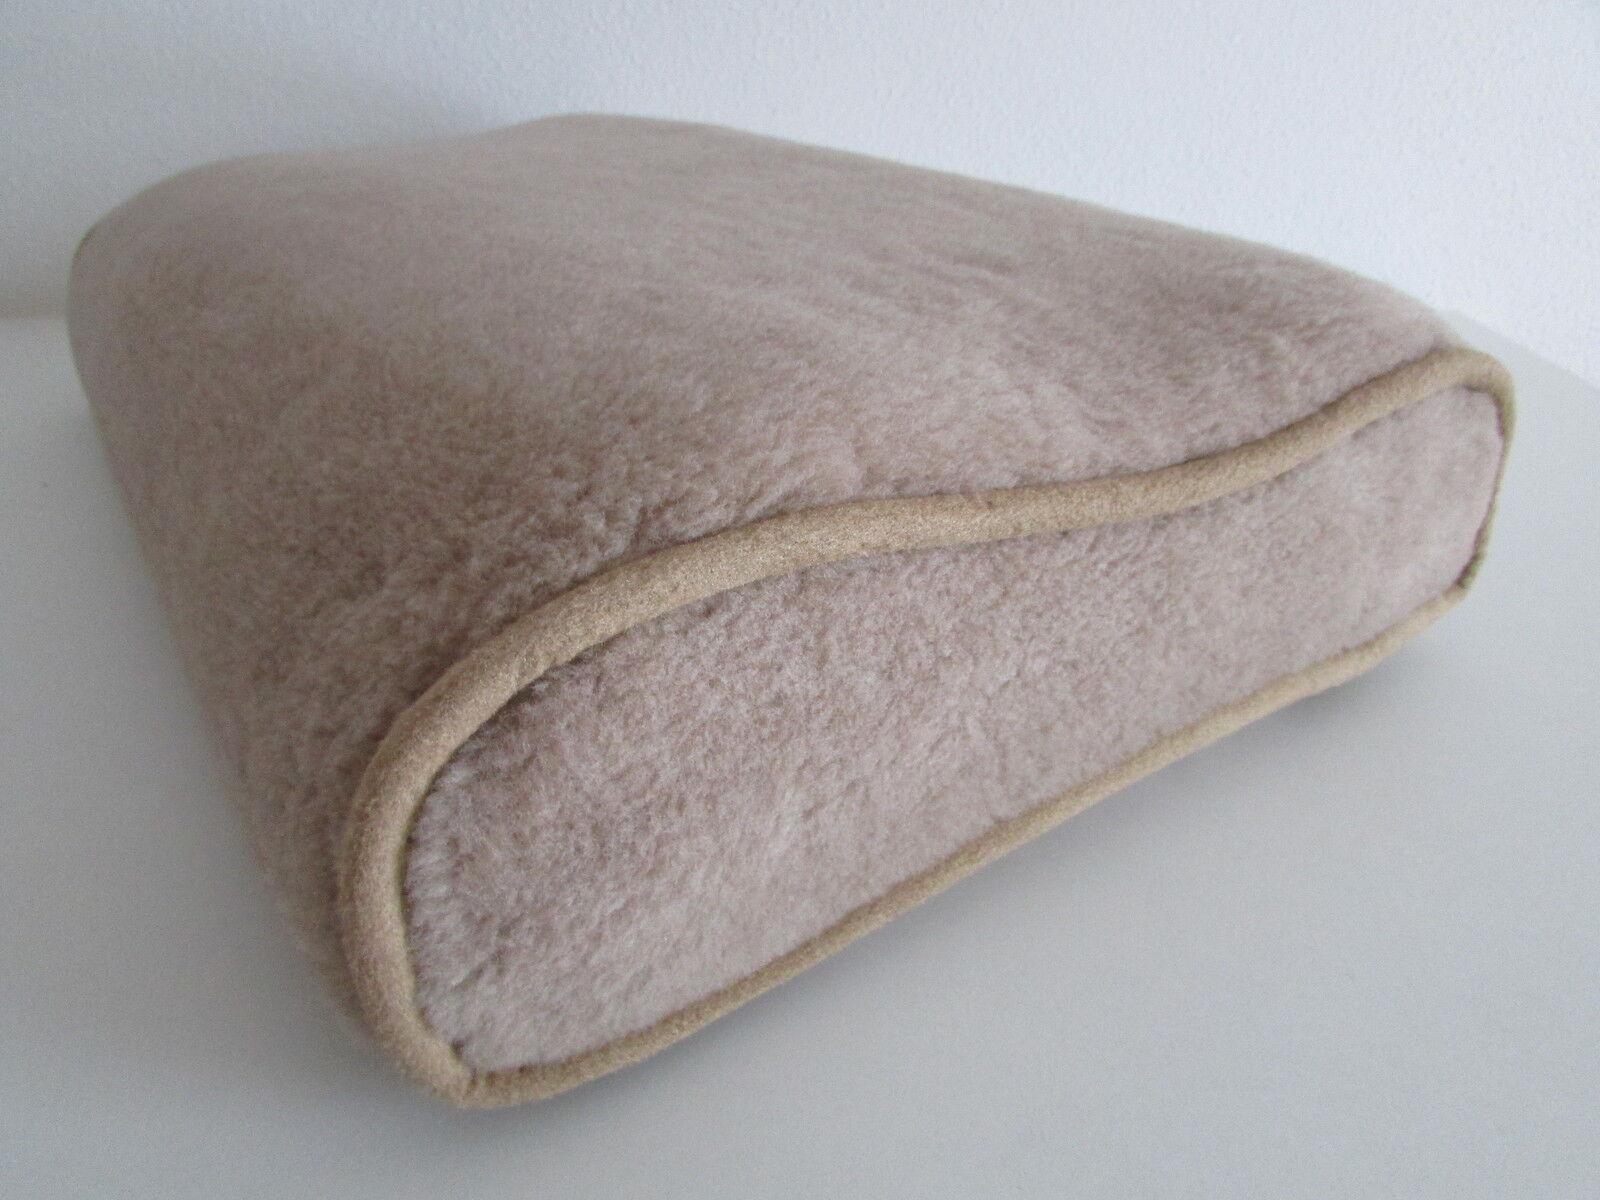 Confort sommeil oreiller, coussin, ortho orthopédique avec référence chameau laine